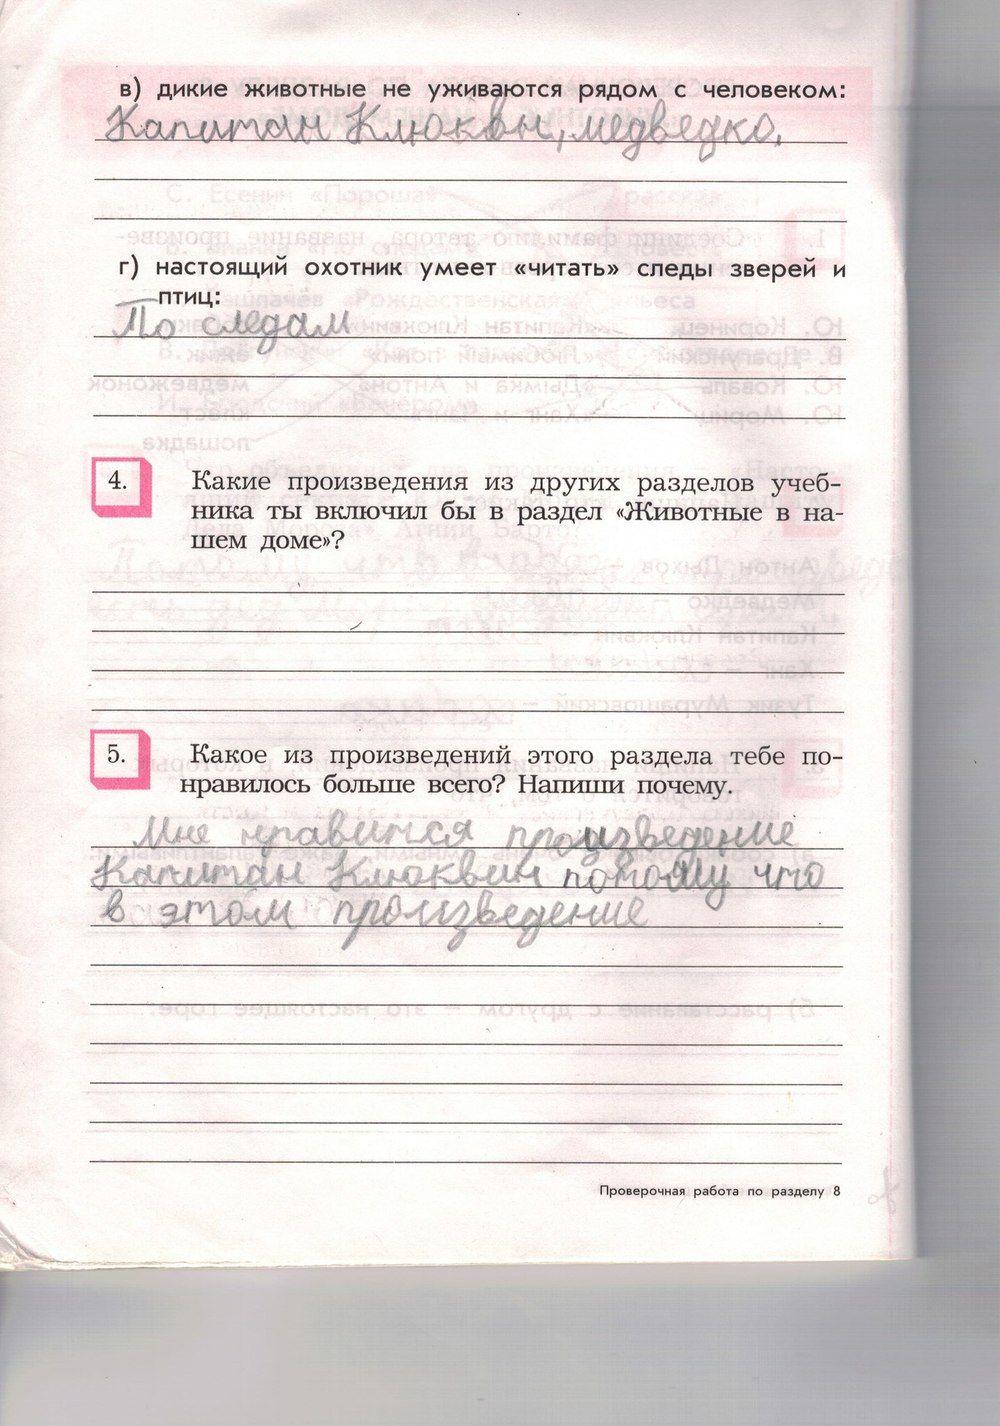 Решение задач 3 класс 414 м.в.богданович выдательство освіта